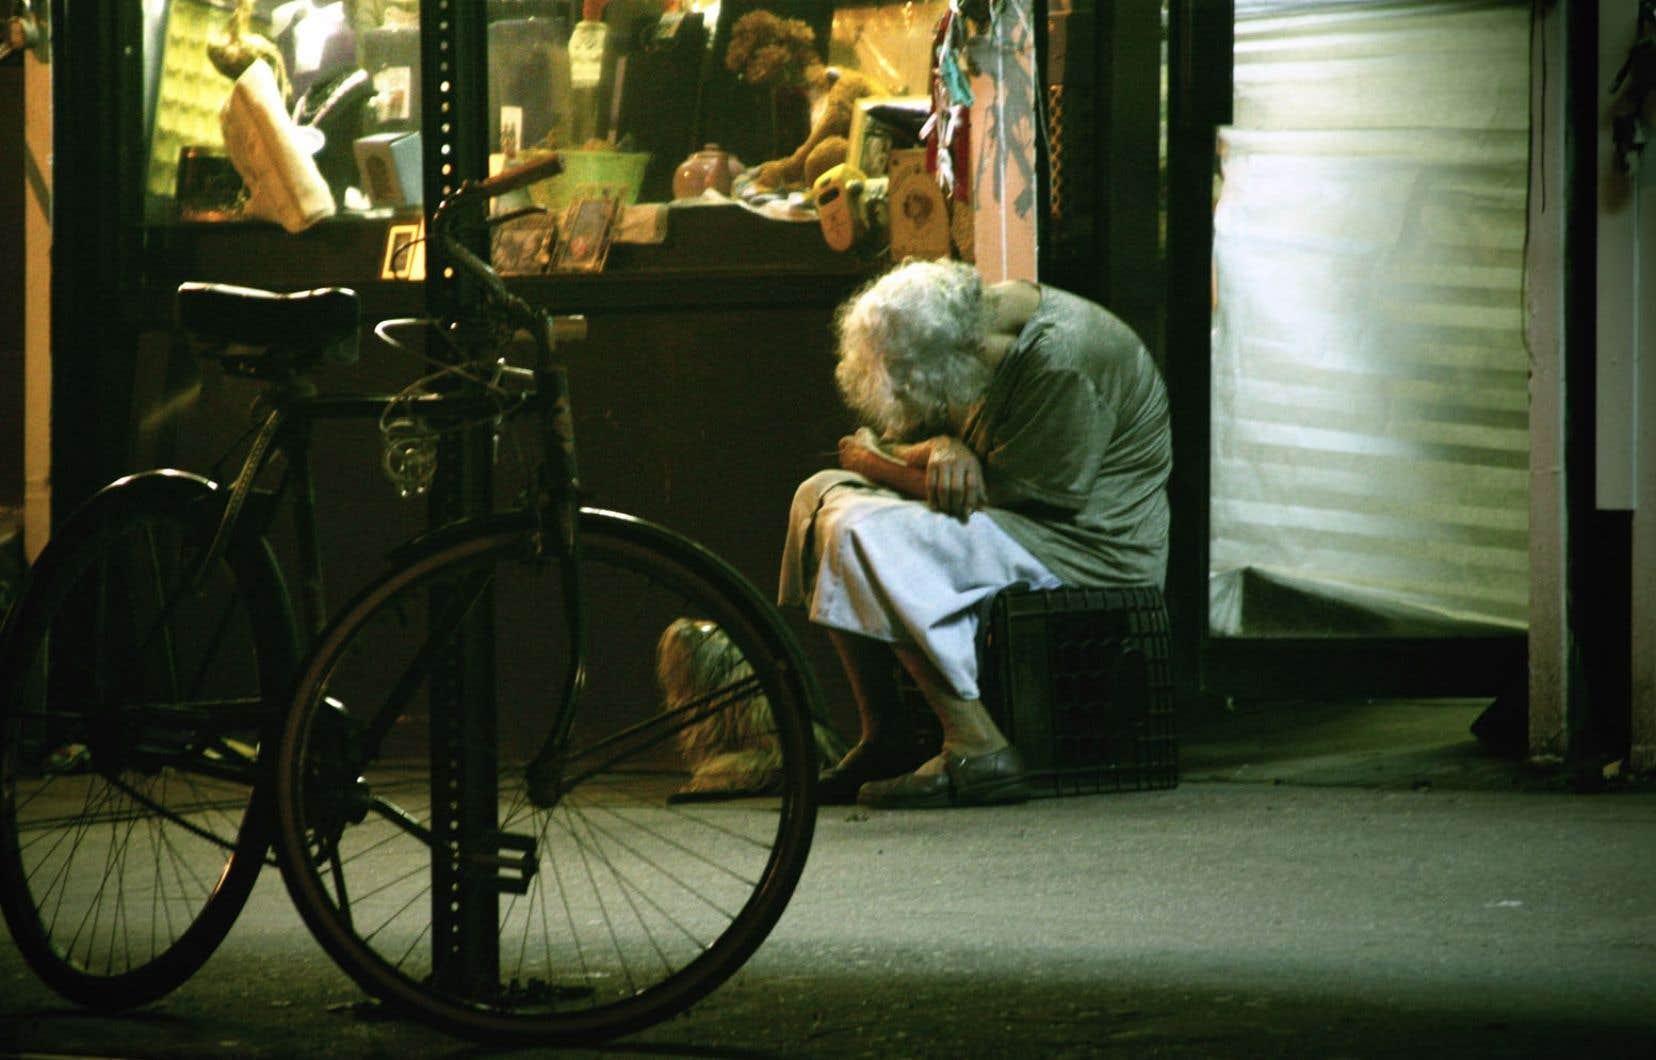 La population des femmes itinérantes vieillit, et les besoins se font de plus en plus grands.